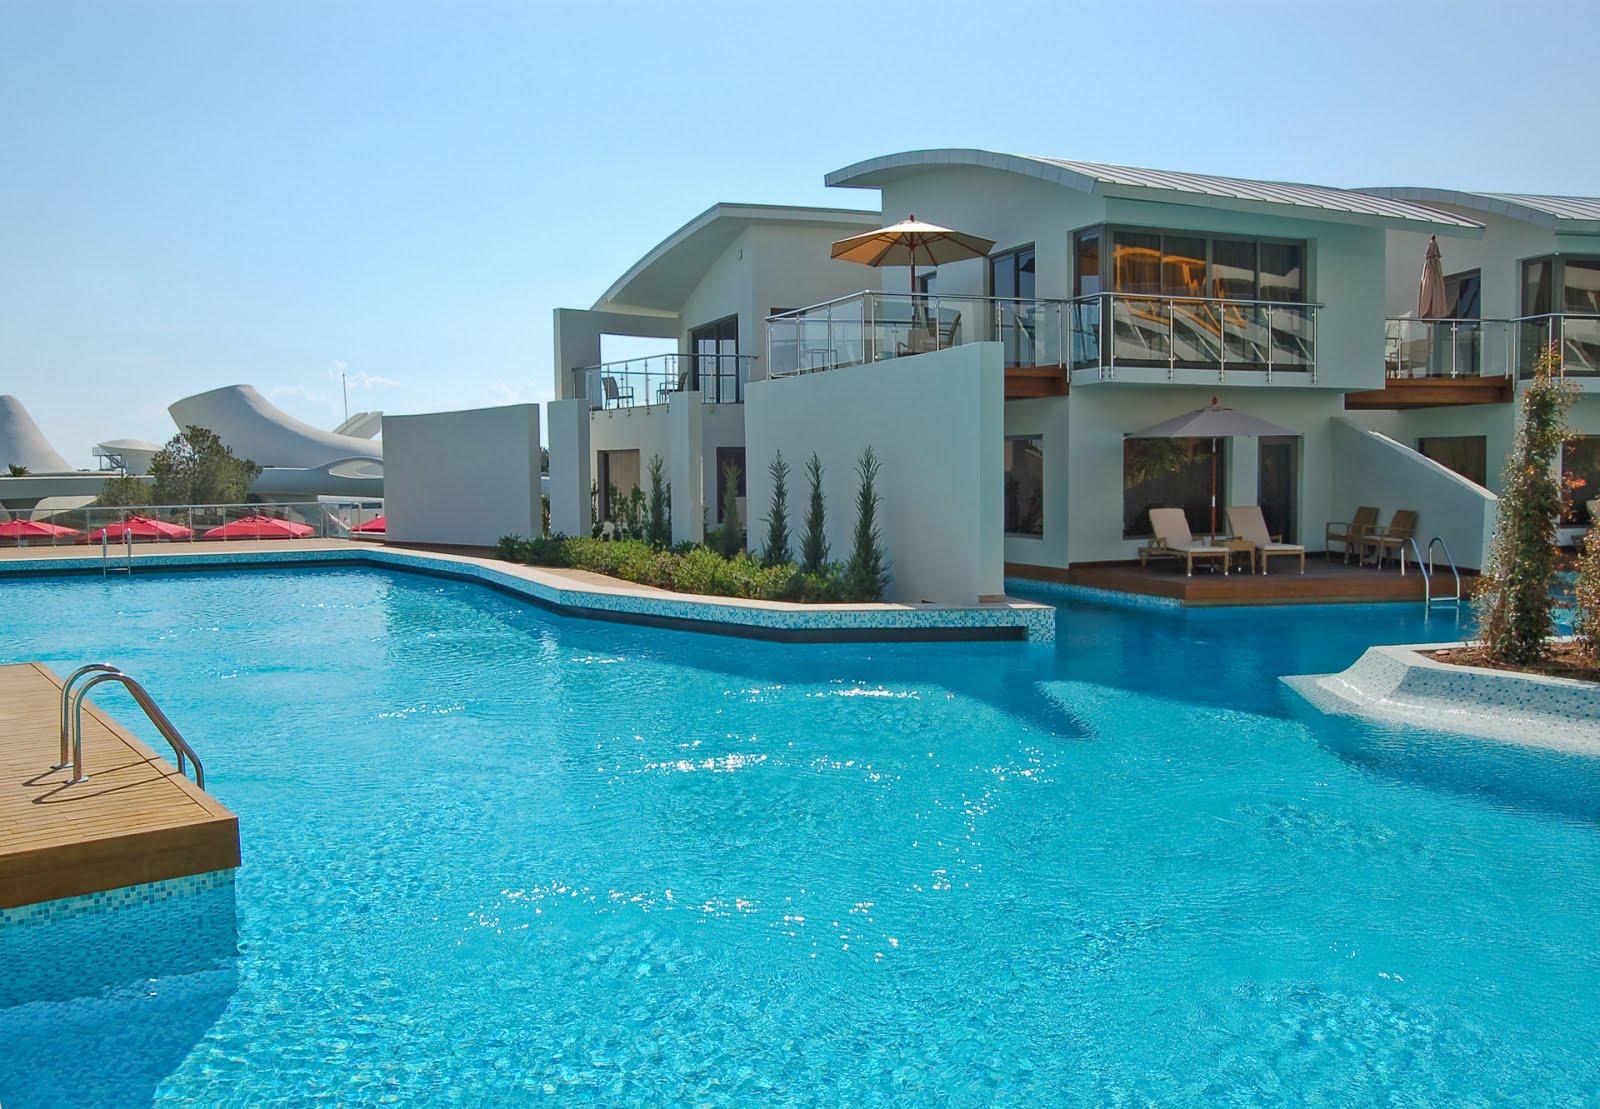 Banco de imagenes casa moderna con piscina enorme de - Fotos originales en casa ...